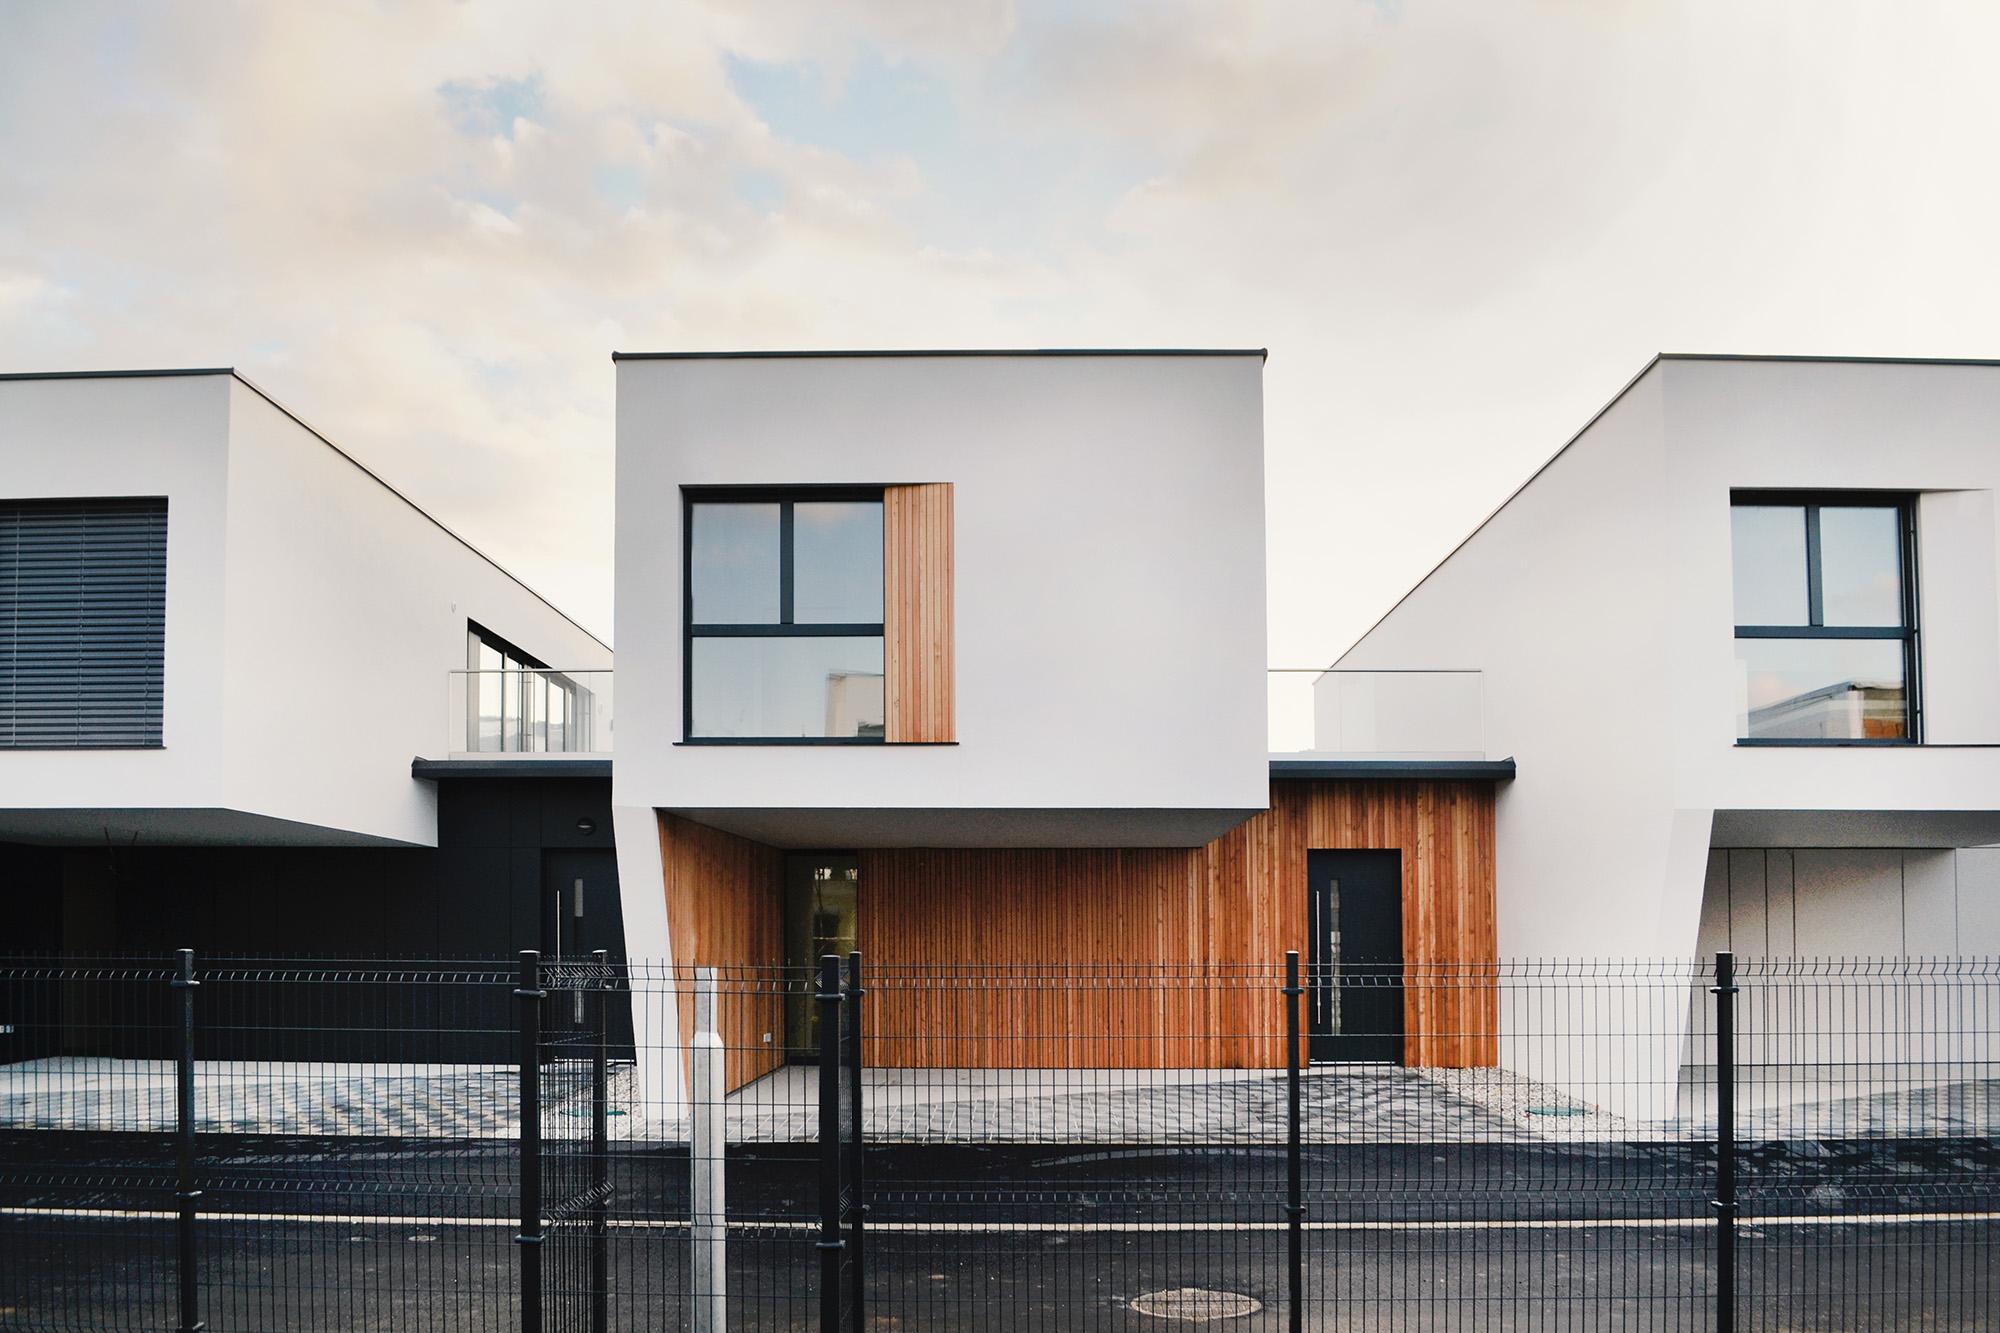 Prve uspešno prodane hiše na Studencih so nastale v arhitekturnem biroju Coinhab Vir: Coinhab